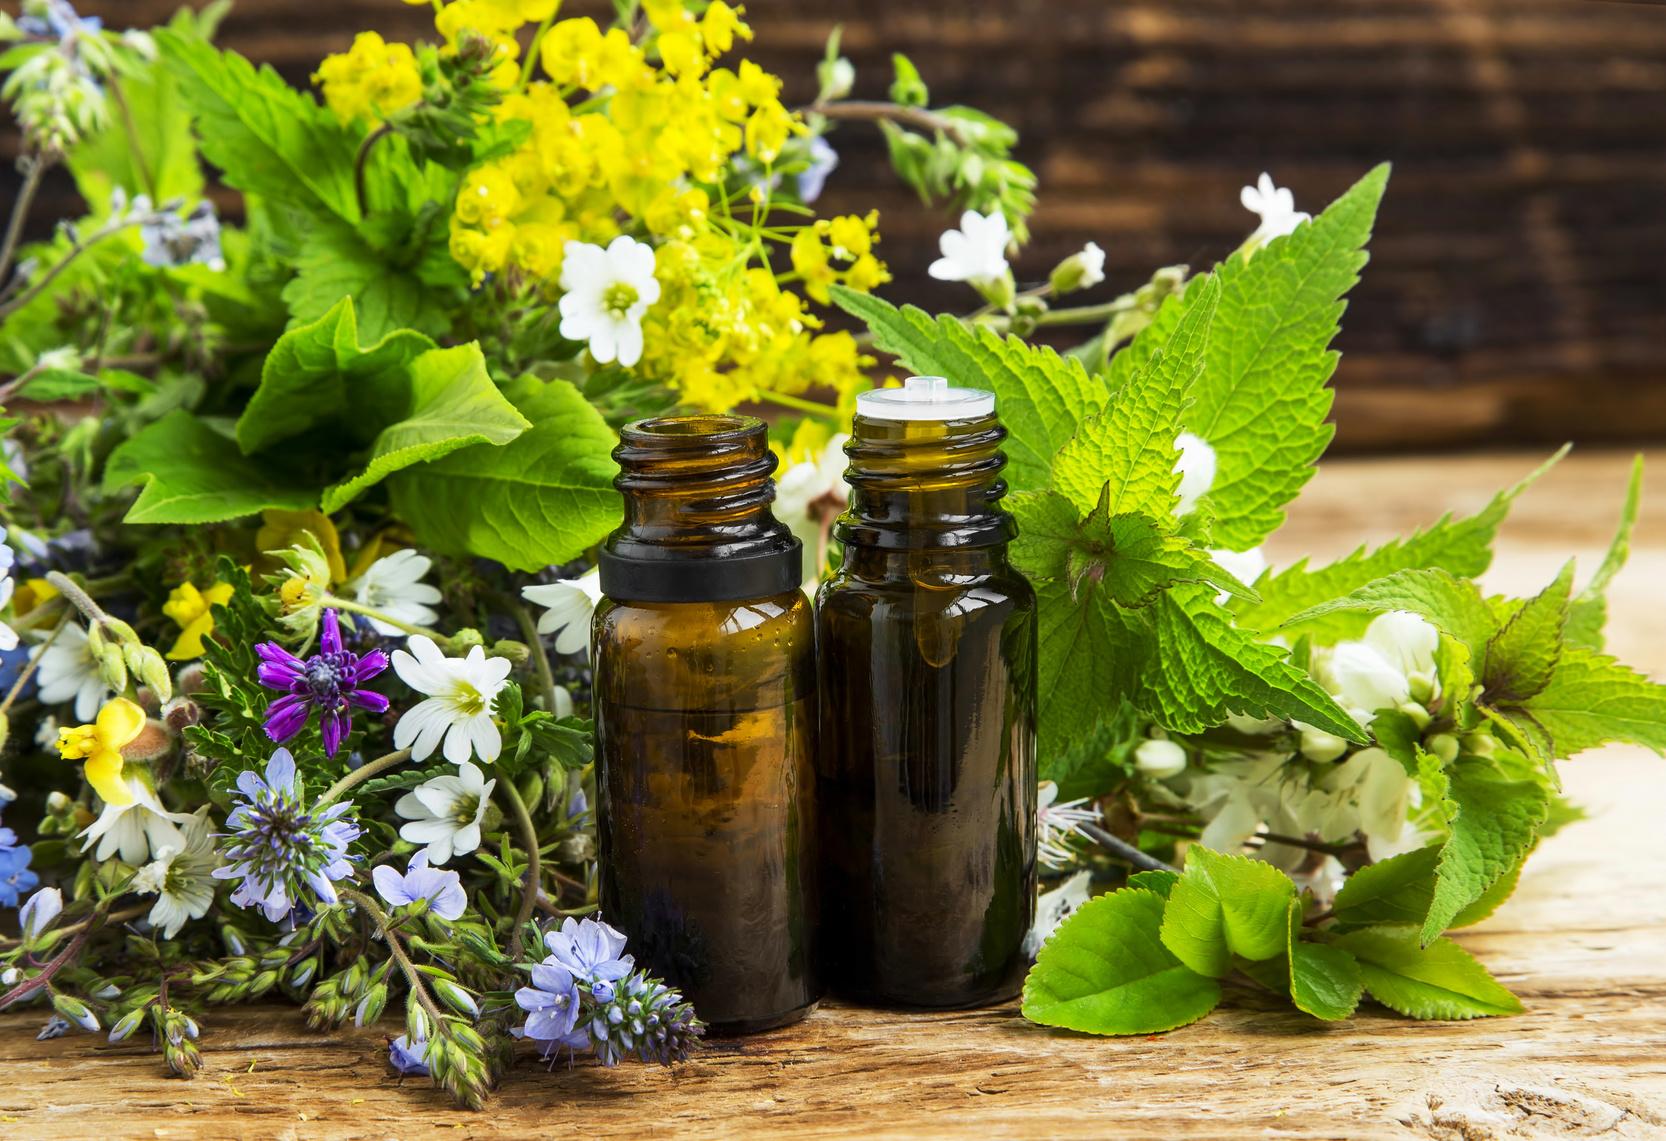 Alternative herbal medicine with medicinal plants essence bottles